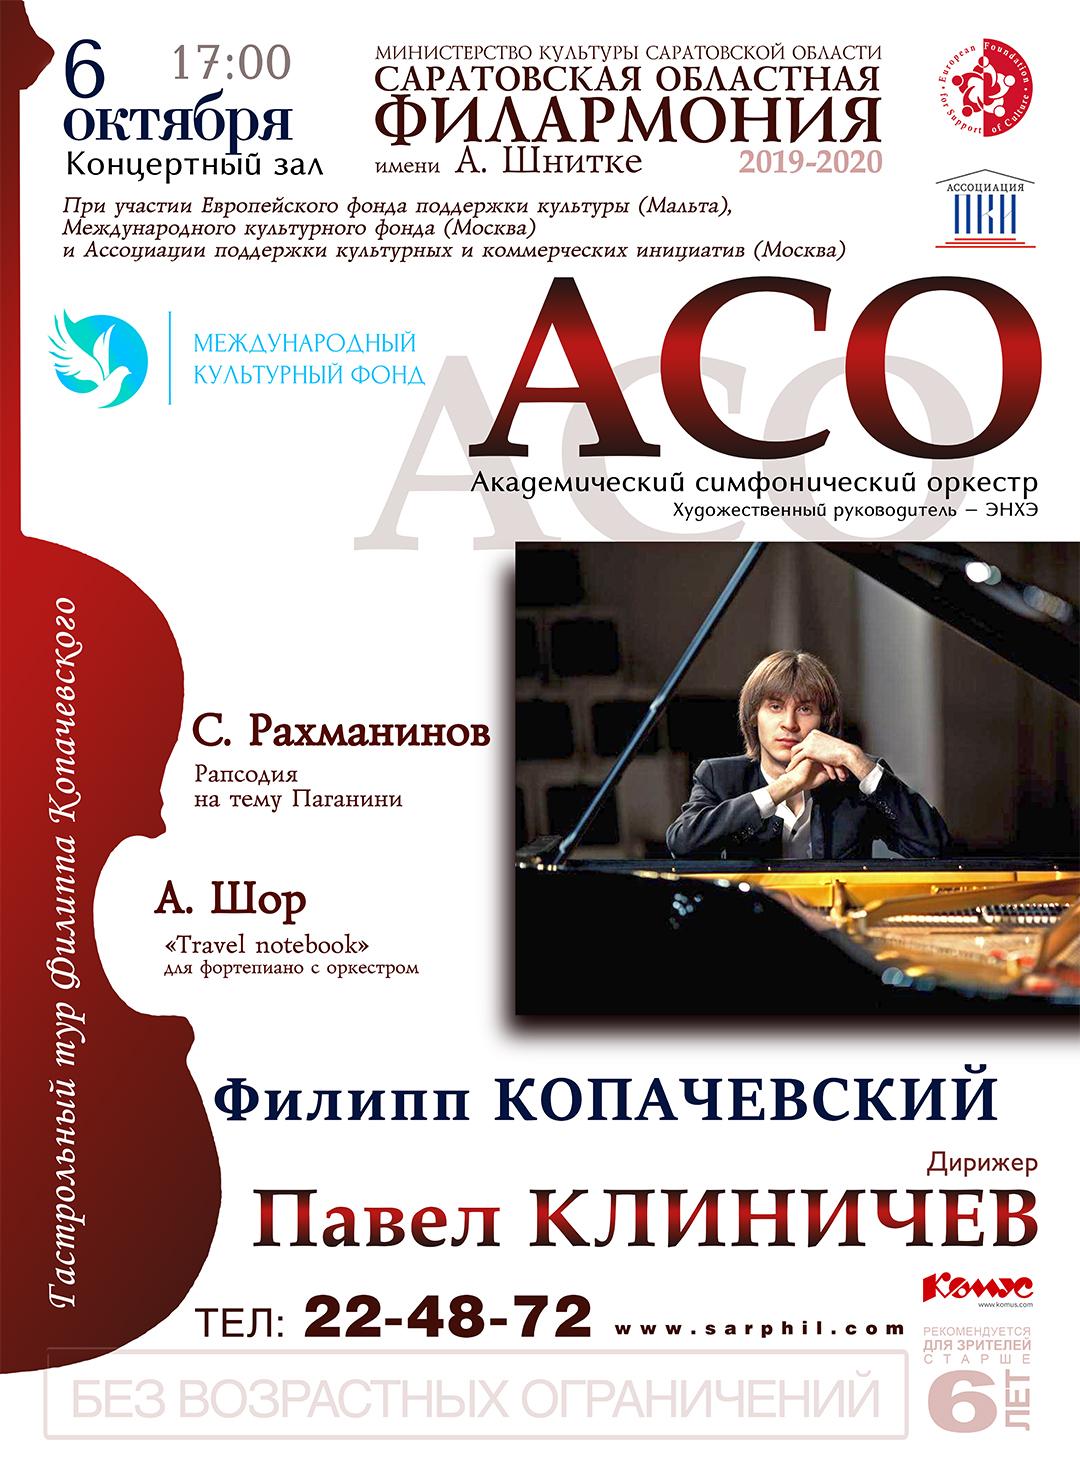 6-10-2019+АСО+КОПАЧЕВСКИЙ,+КЛИНИЧЕВ